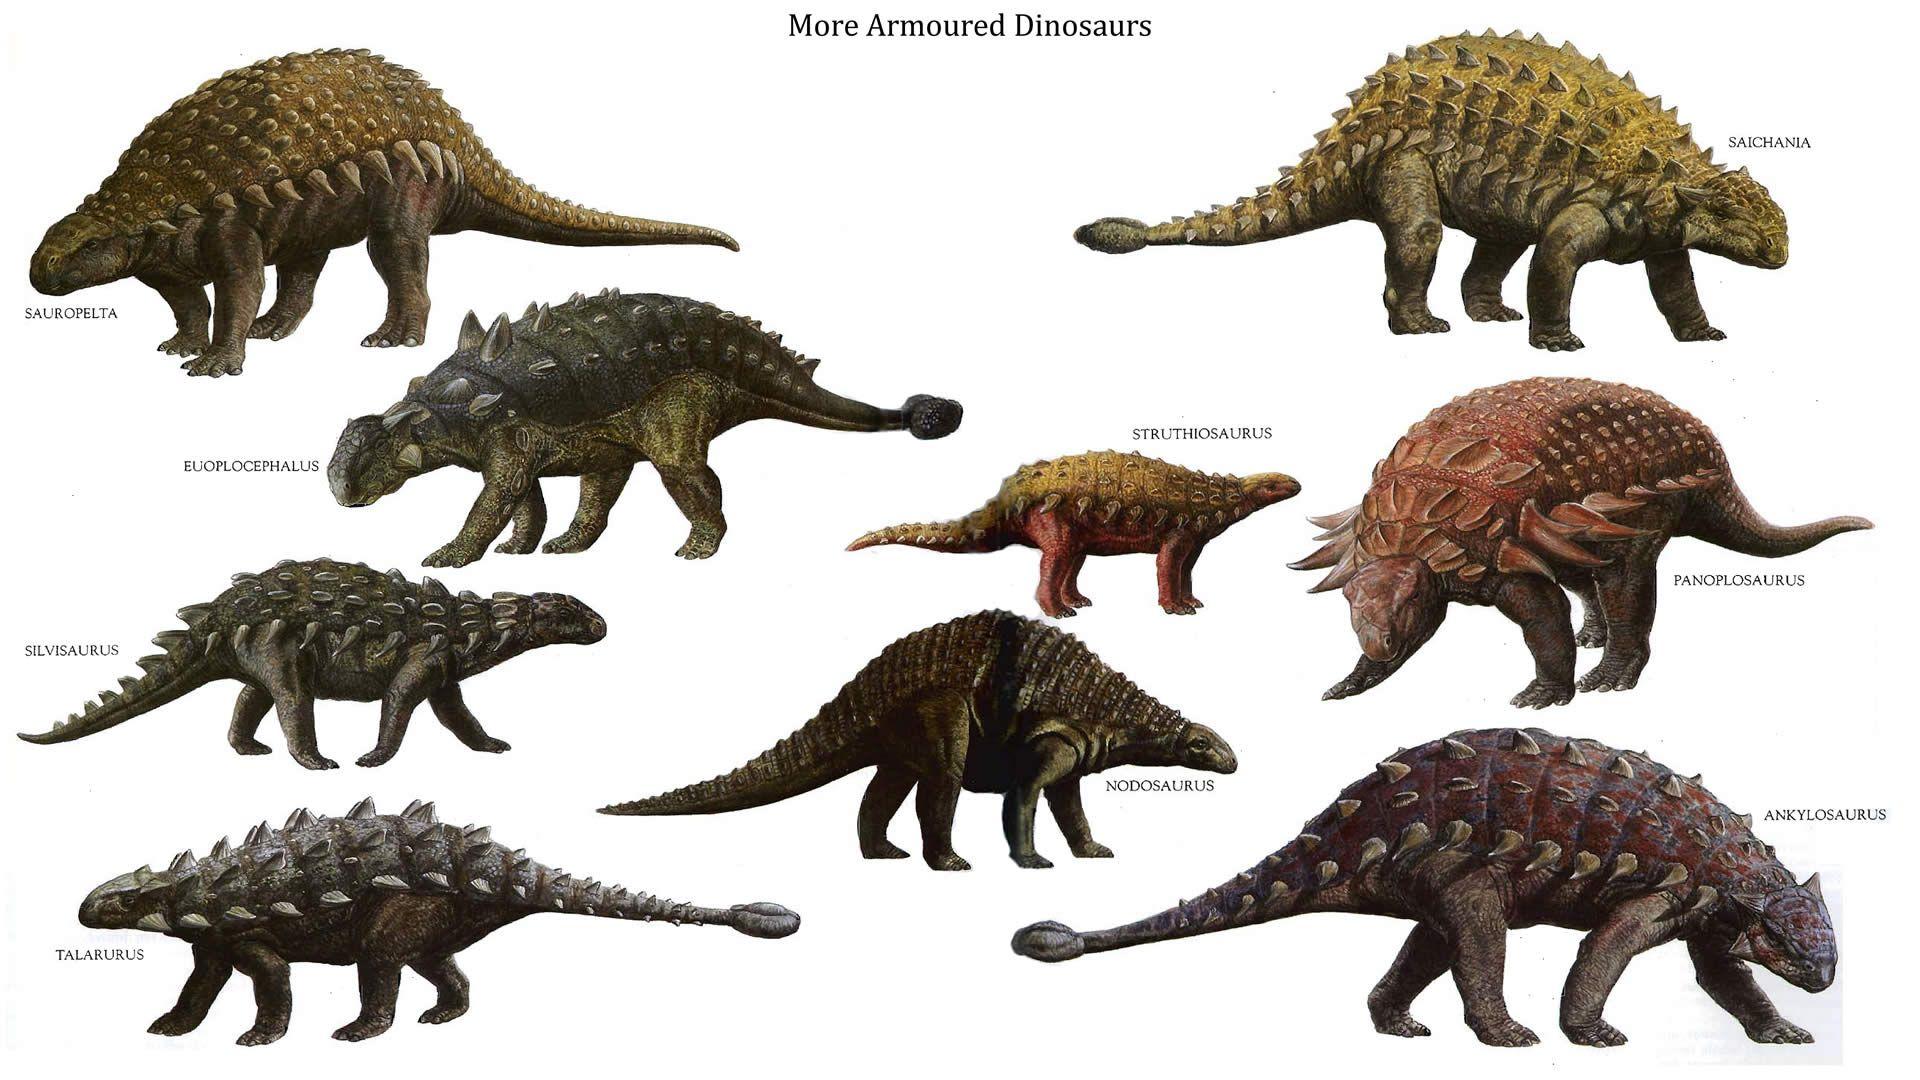 виды анкилозавров